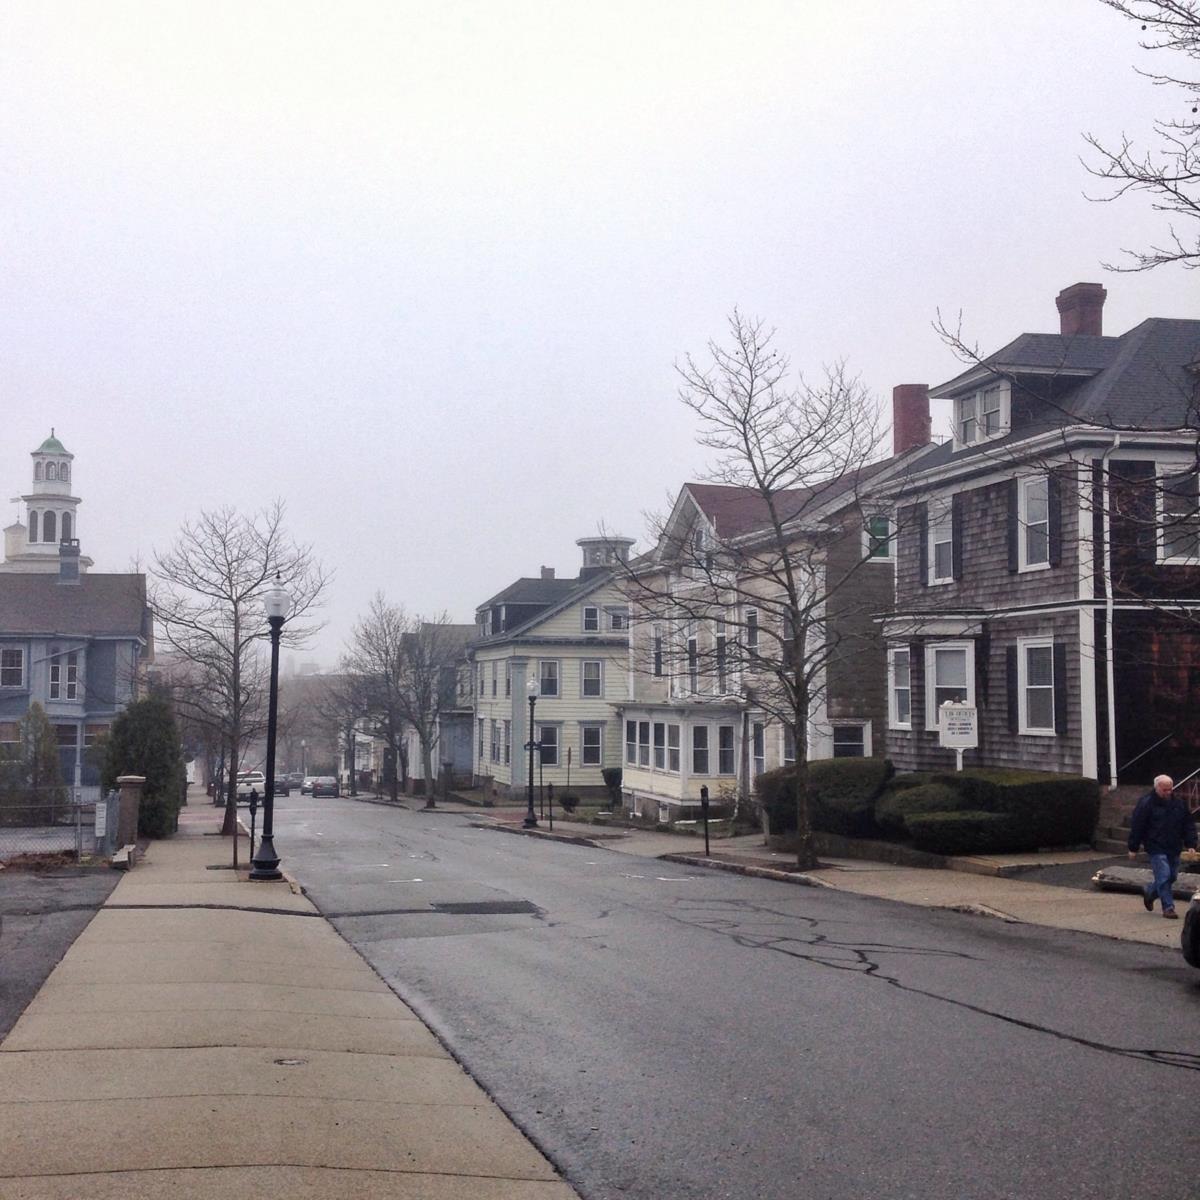 É ano de eleições, mas em New Bedford não se vêem cartazes de candidatos republicanos ou democratas